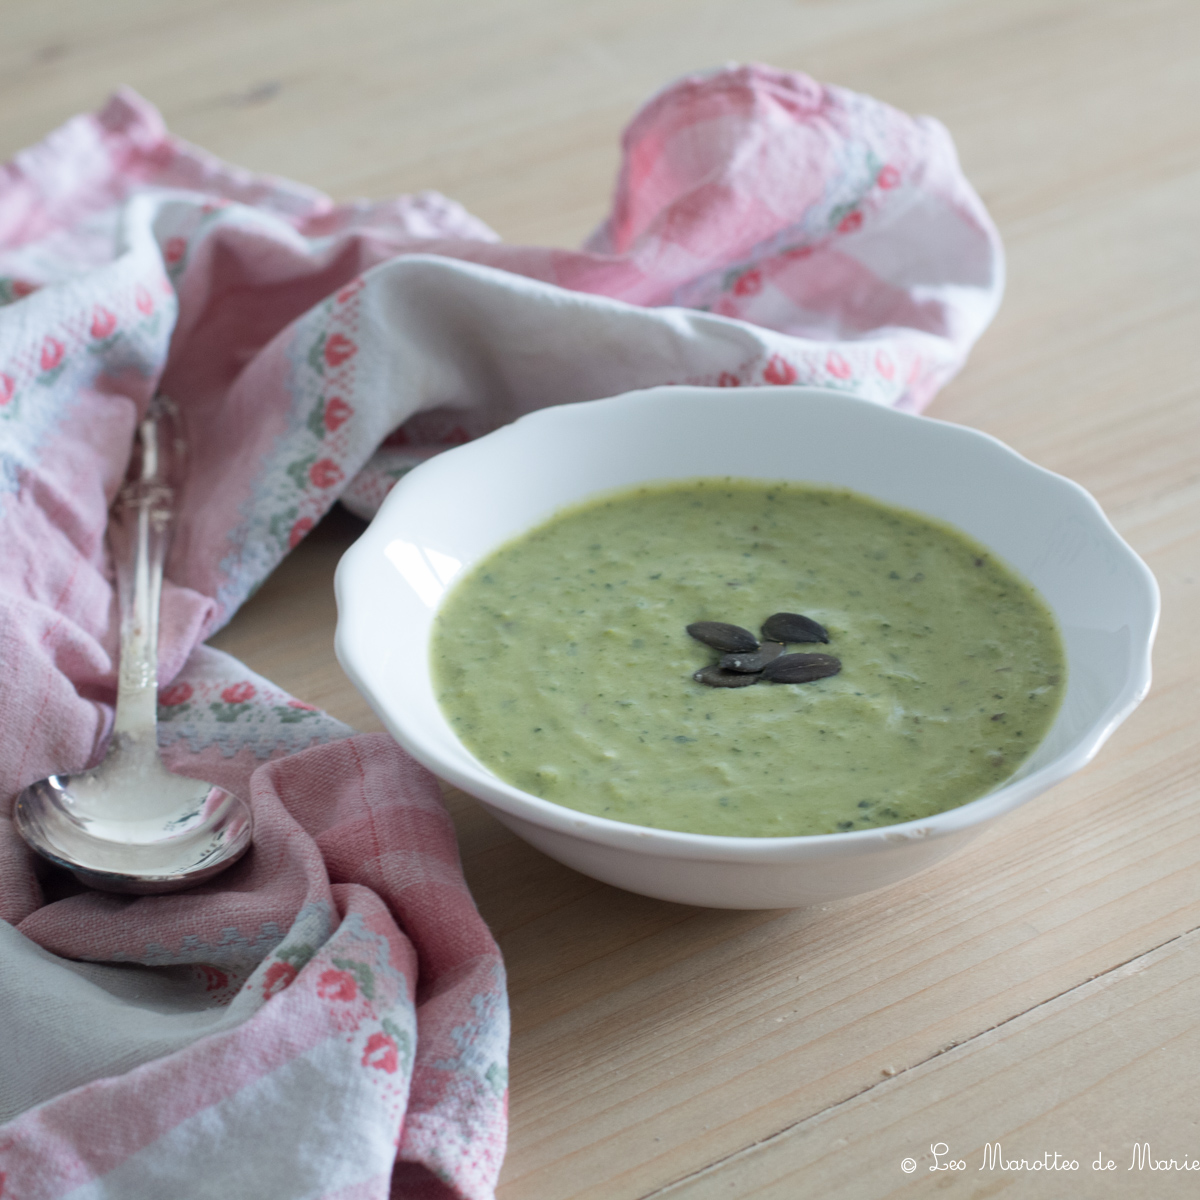 2020 04 26 soupe petits pois courgette cumin Les marottes de marie-2